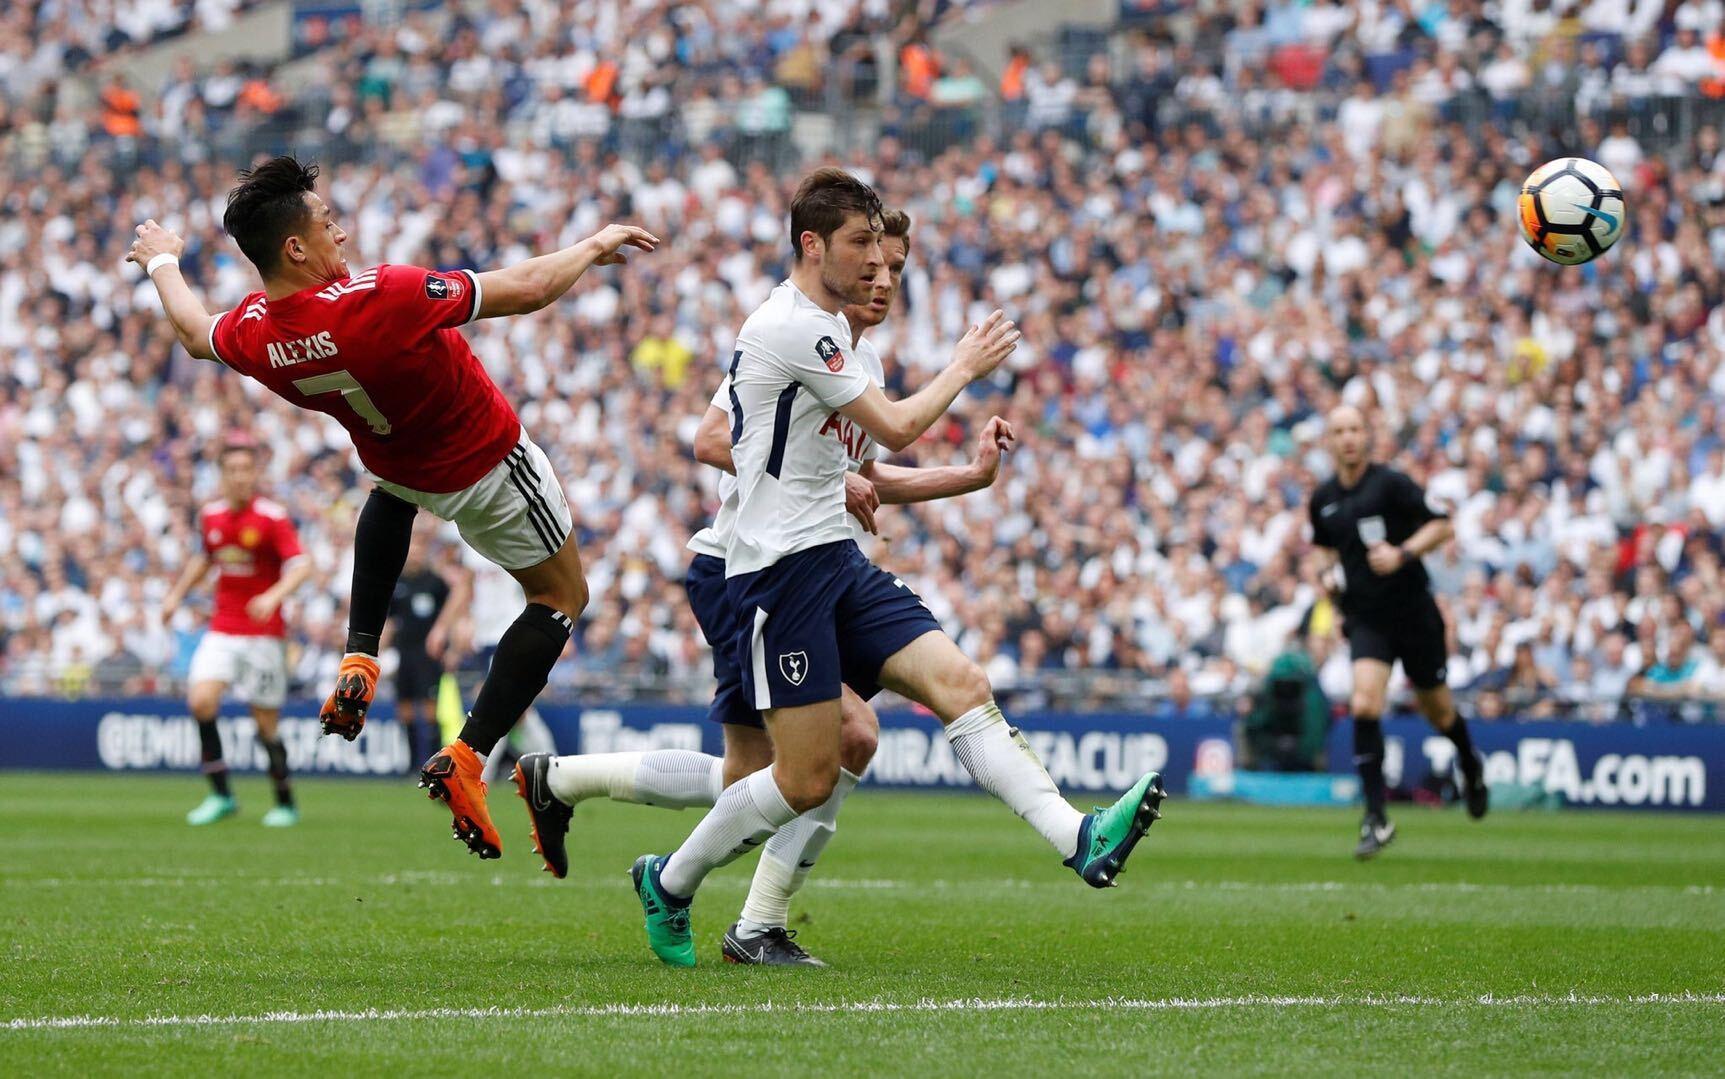 第20次晋级足总杯决赛!曼联追平老对手阿森纳并列足总杯第一